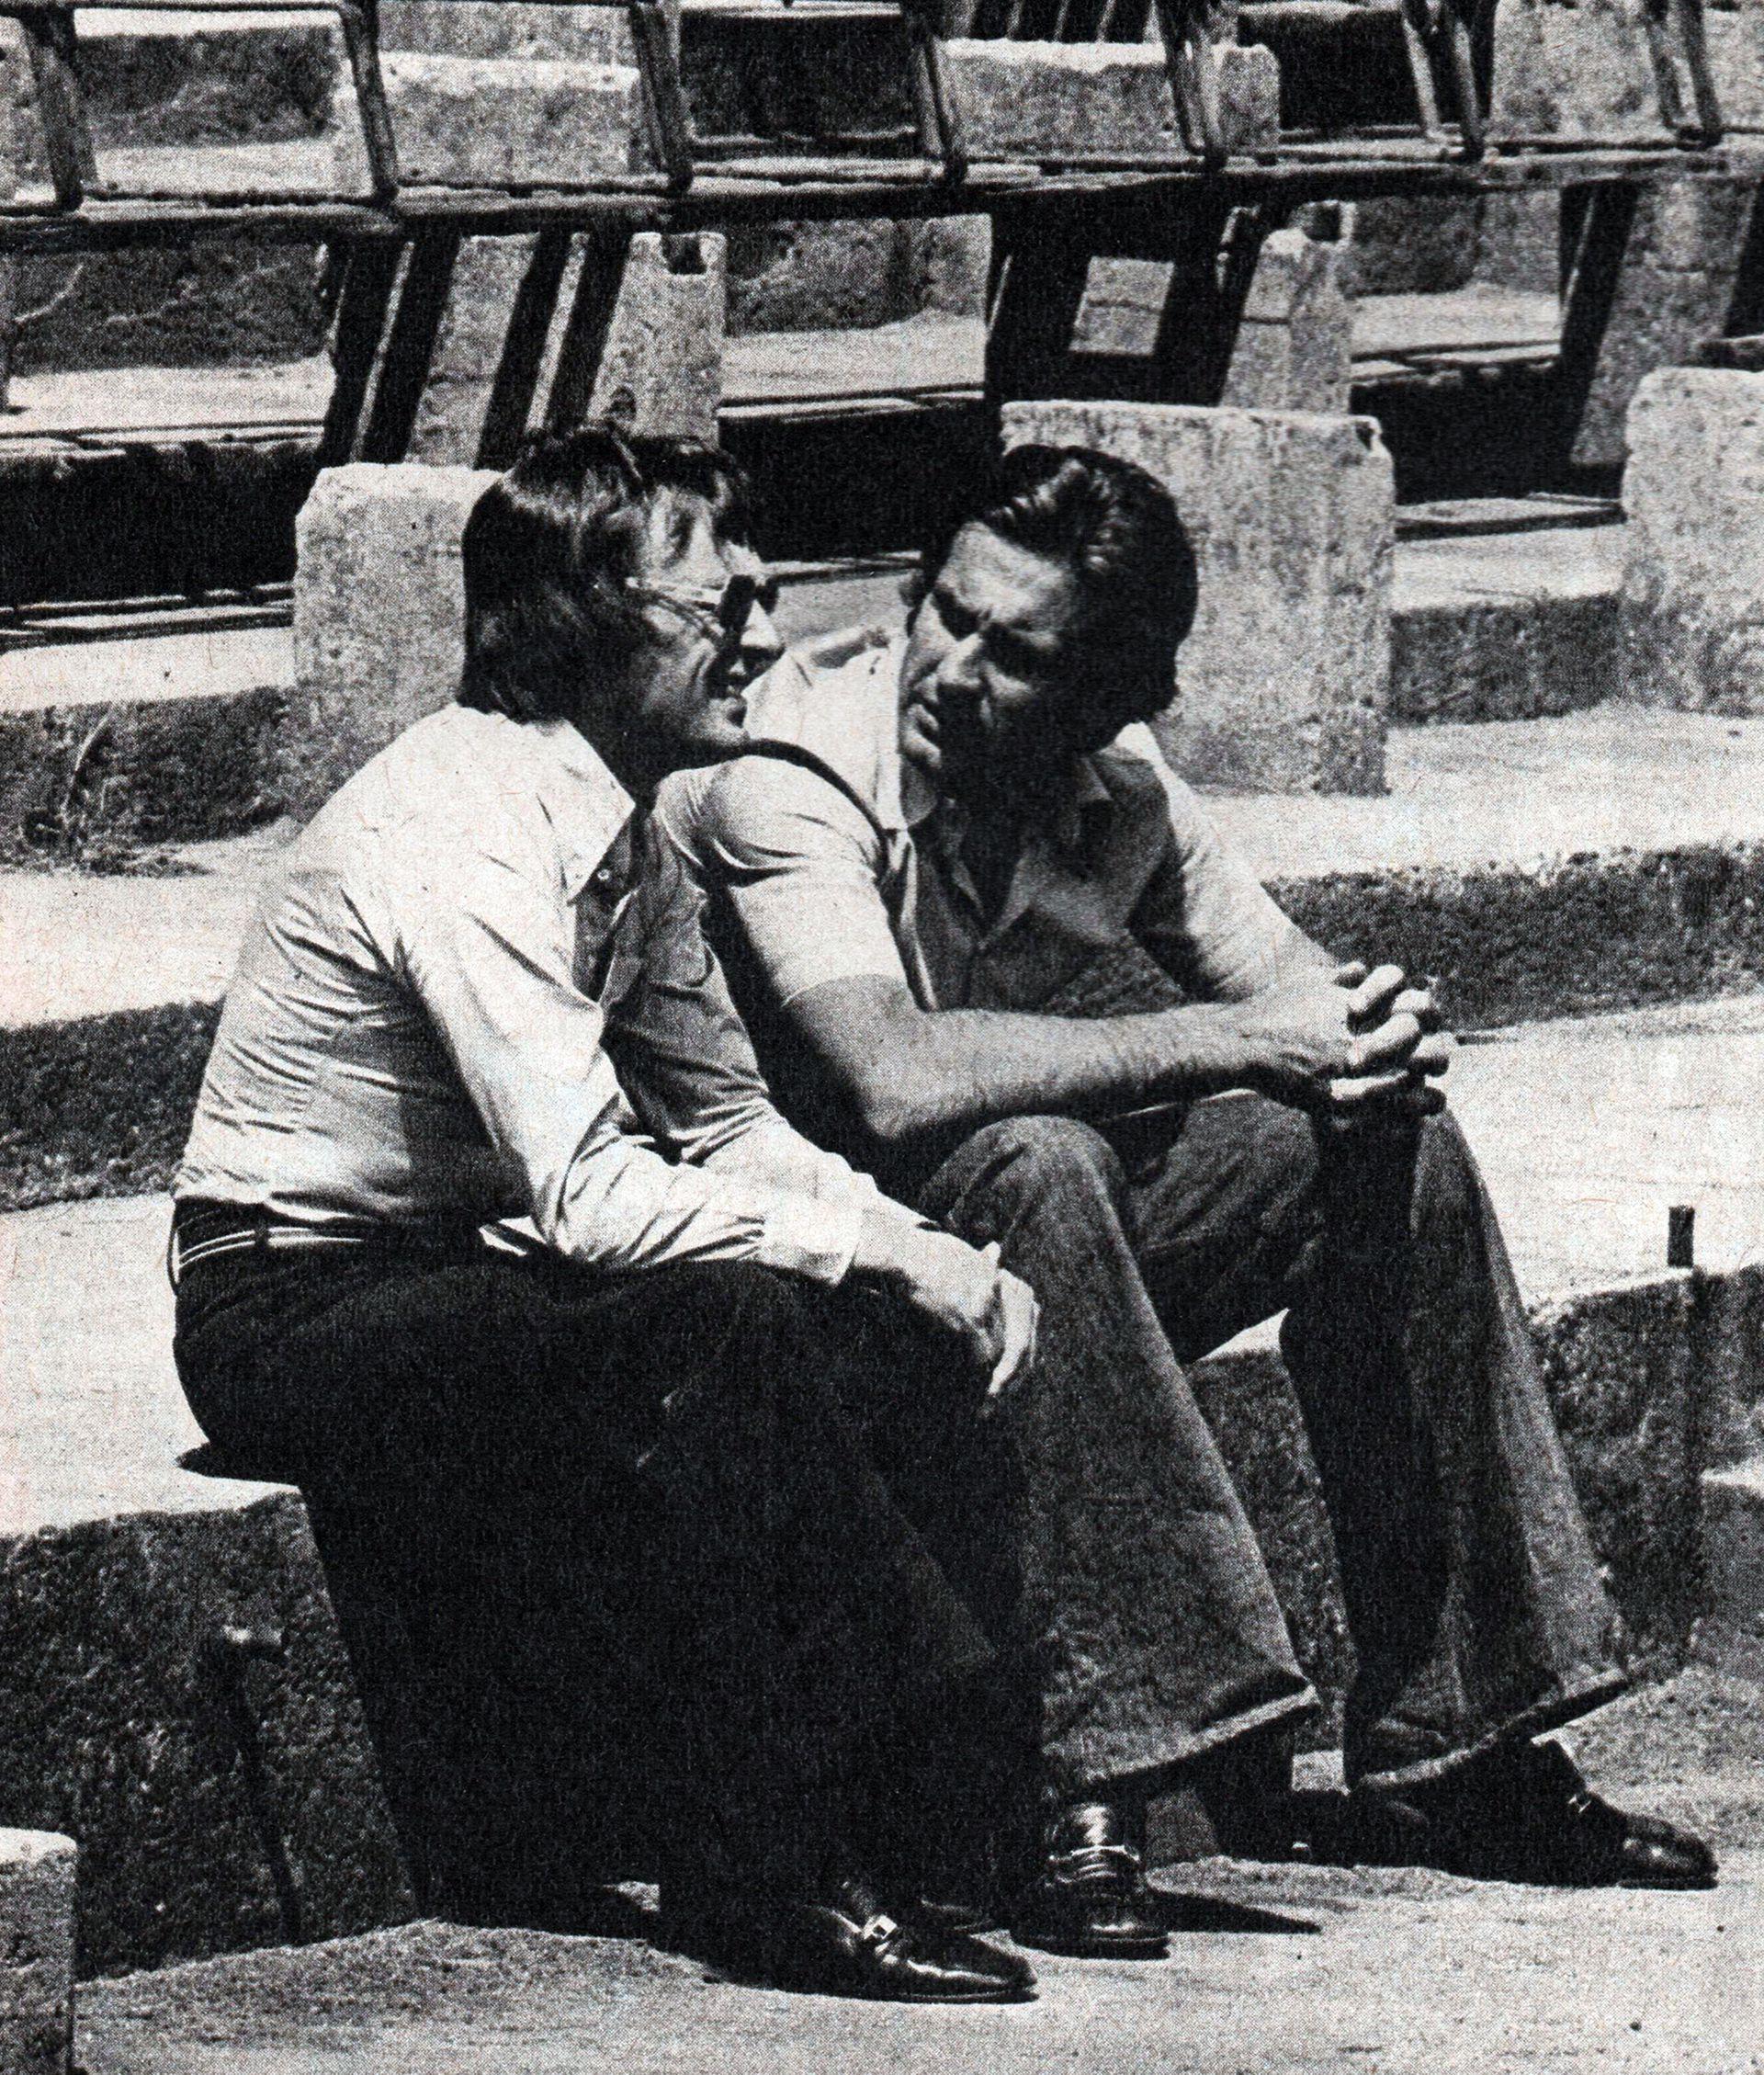 Ecclestone dialoga con Carlos Alberto Reutemann en una vieja tribuna de Nurburgring en 1975. Para Bernie, Lole podría haber sido campeón.  (Archivo CORSA).